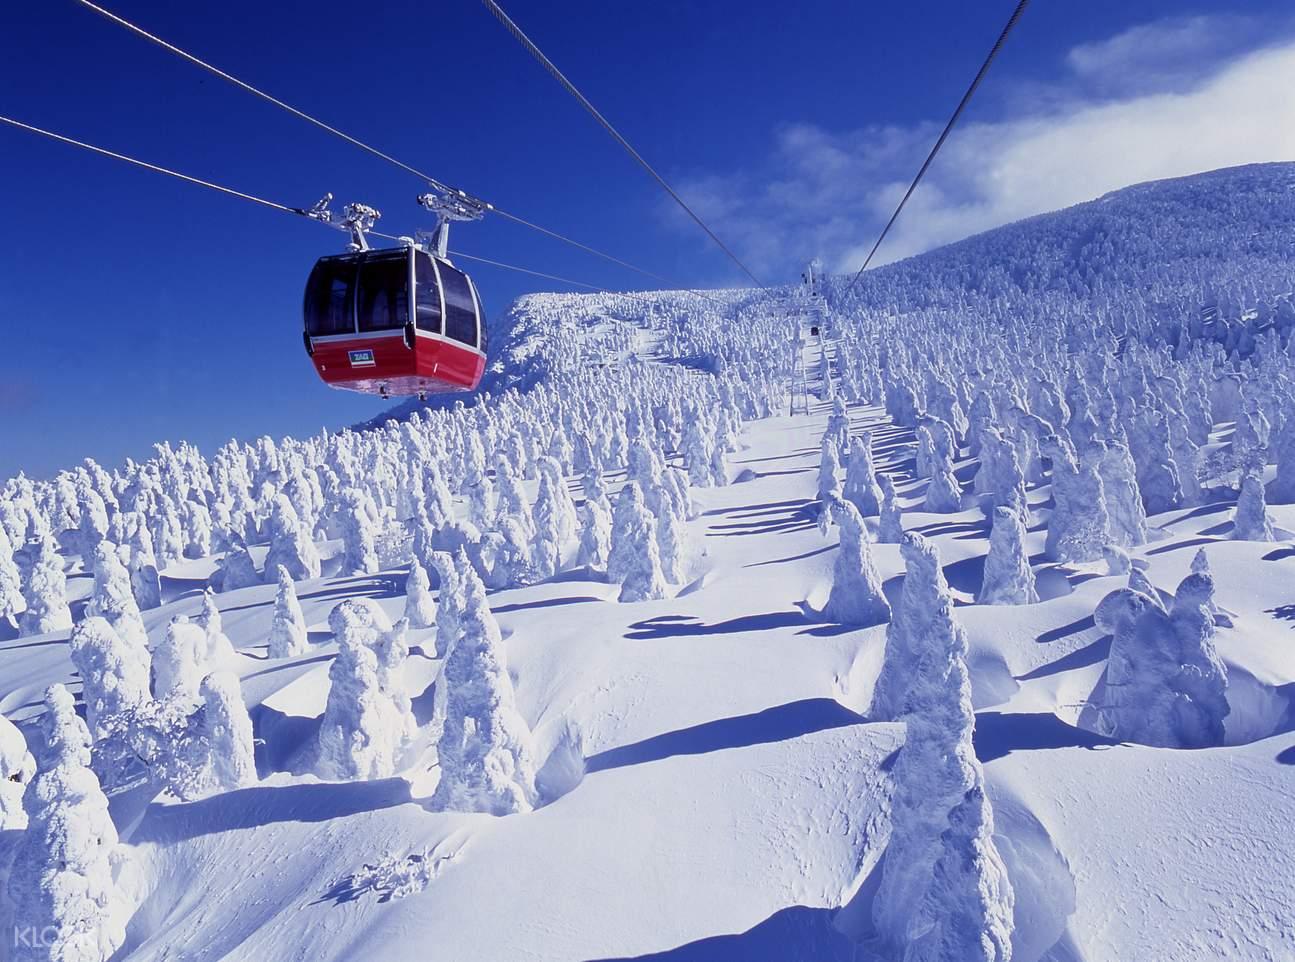 Zao Ropeway Round Trip Ticket Winter